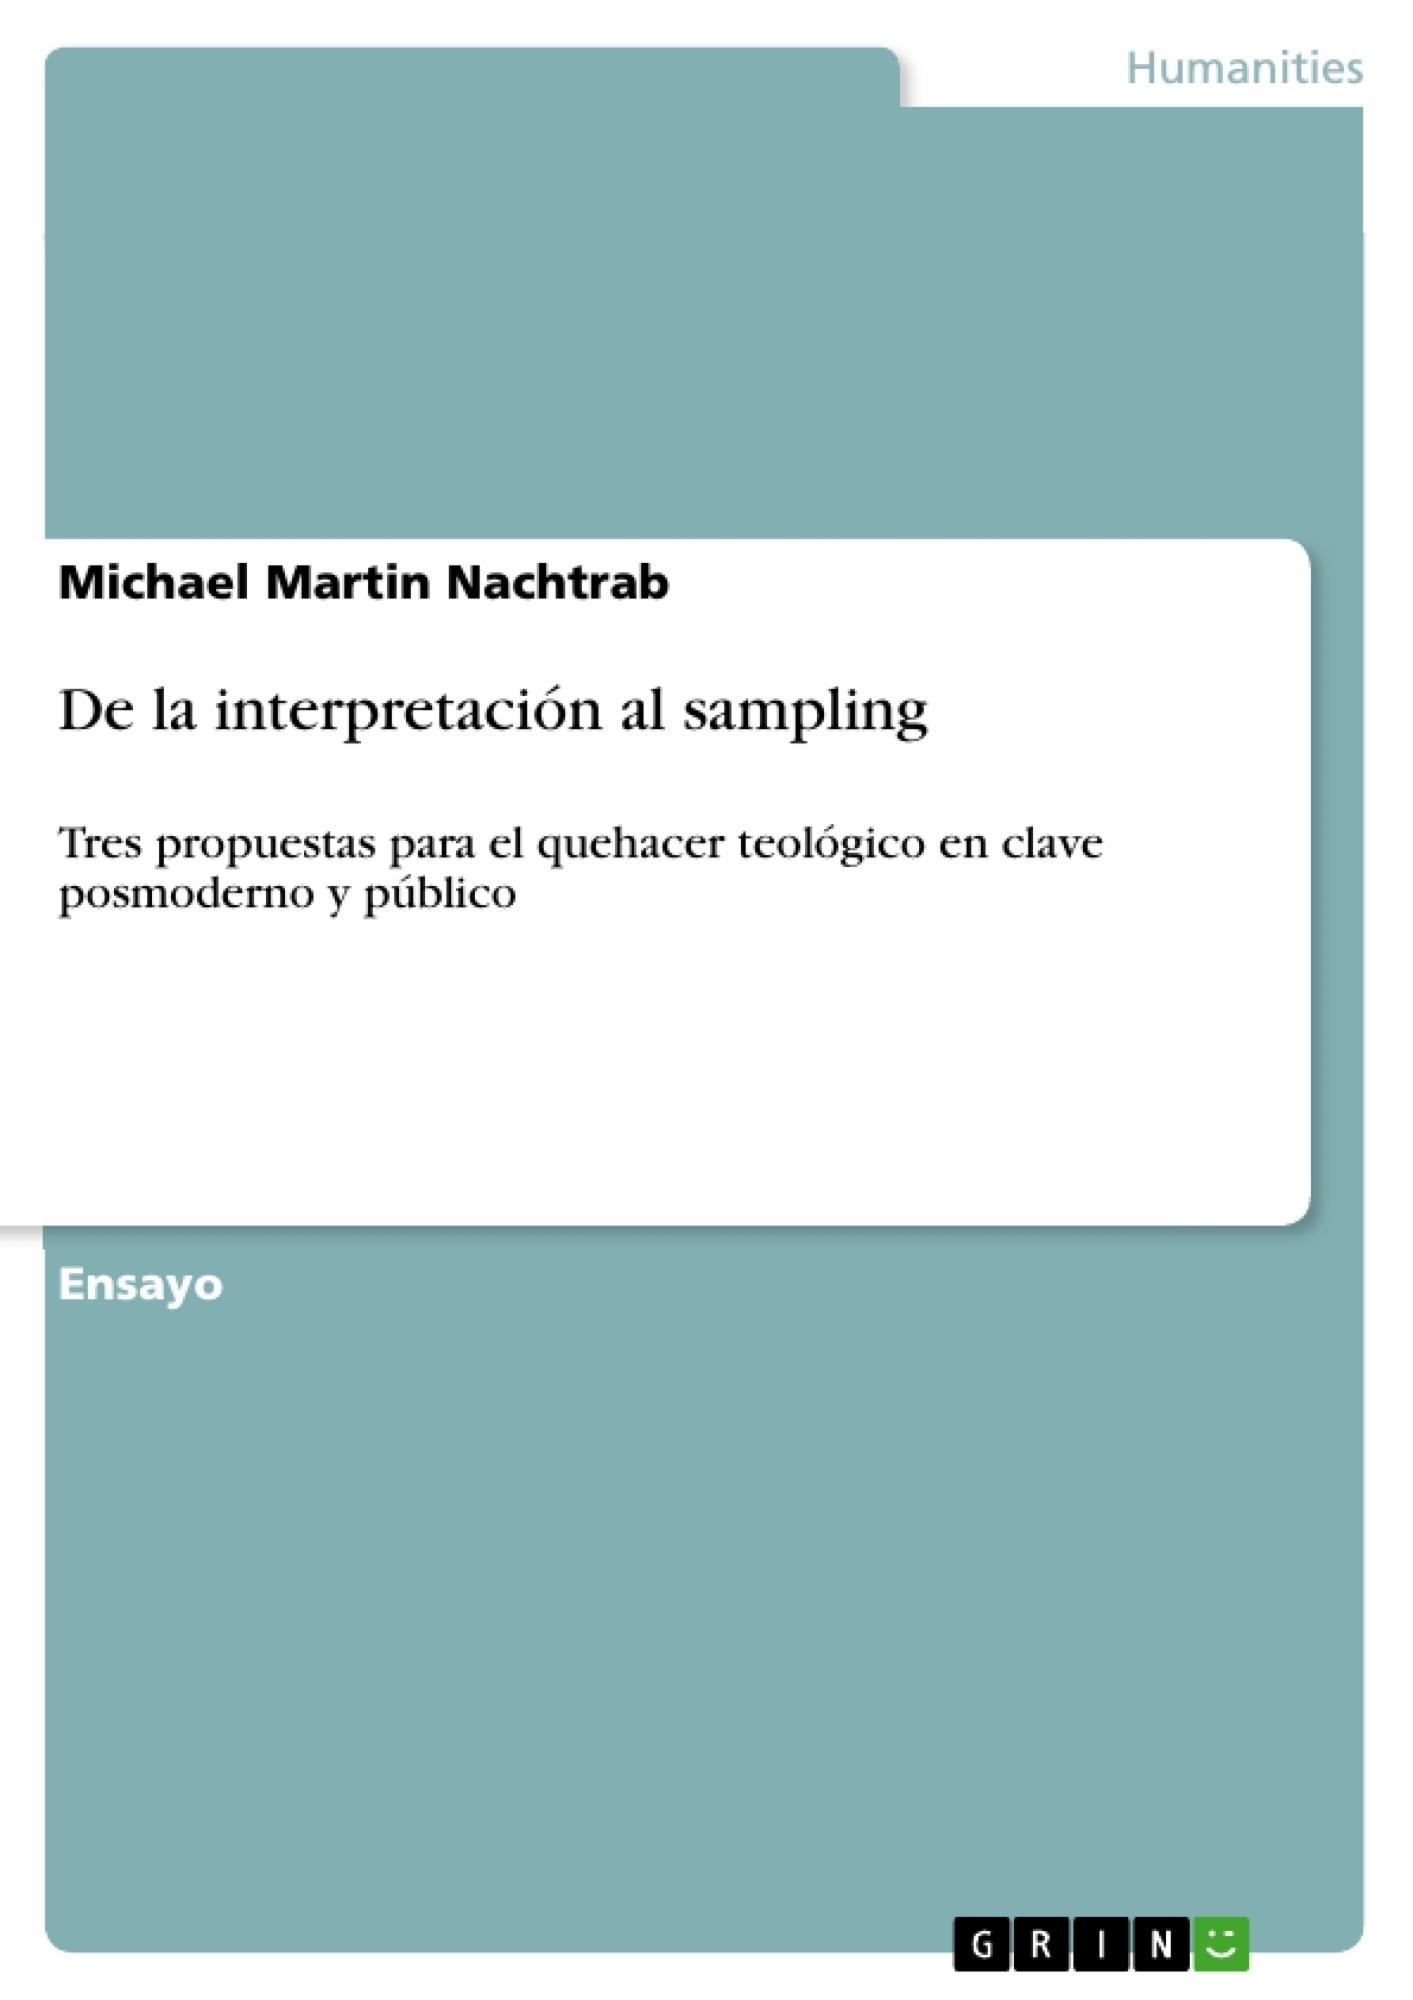 Título: De la interpretación al sampling